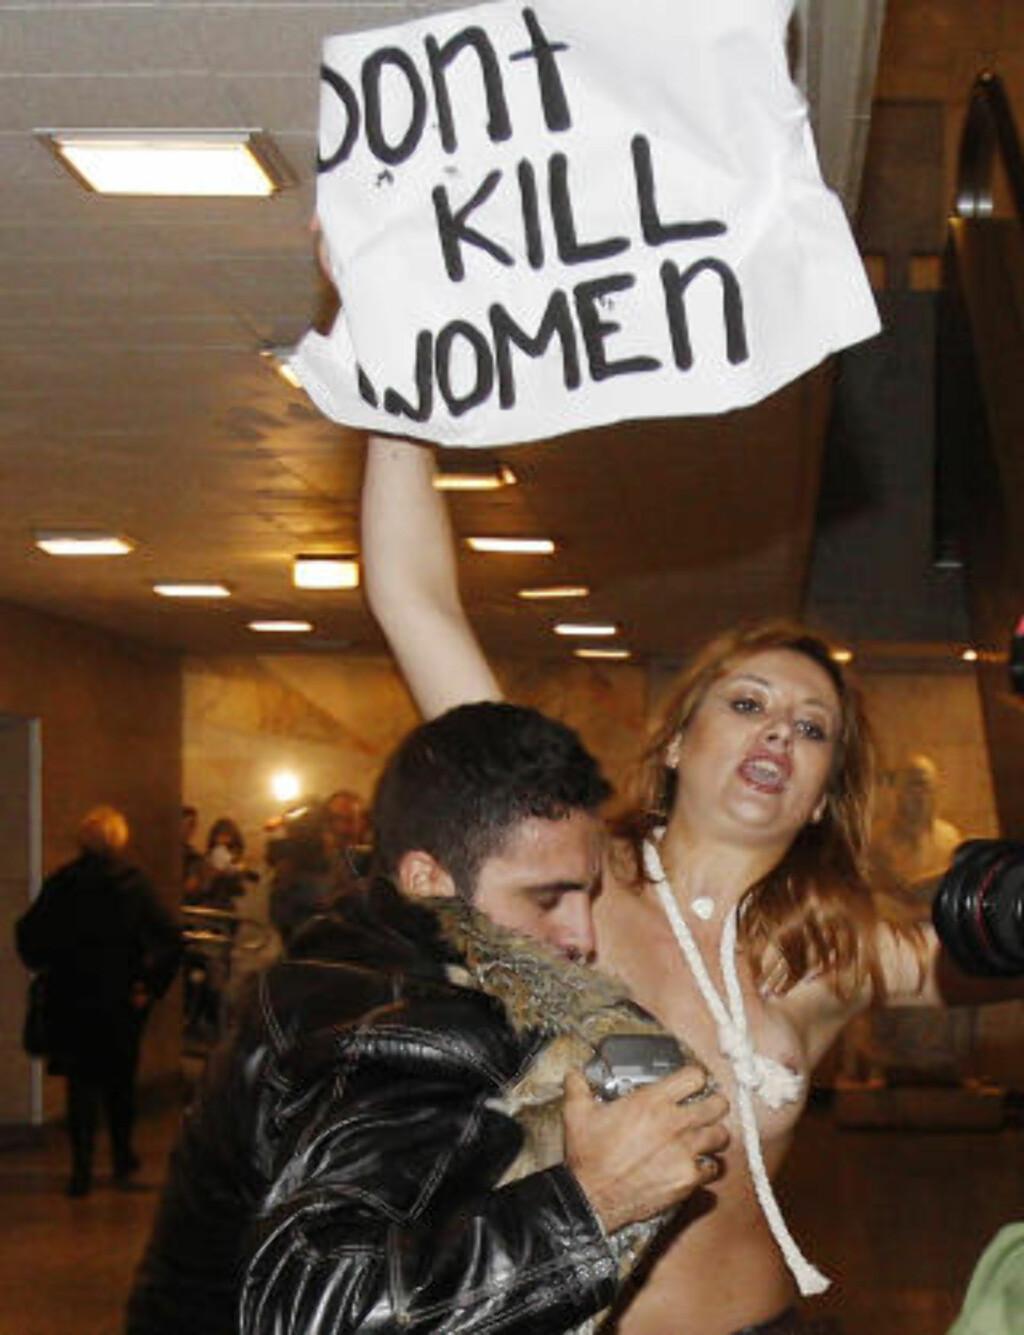 IRAN-DEMONSTRASJON: En iransk sikkerhetsvakt prøver å skjule en avkledd aktivist ved en iransk kulturbegvienhet i Kiev. Foto: Reuters/Gleb Garanich/Scanpix